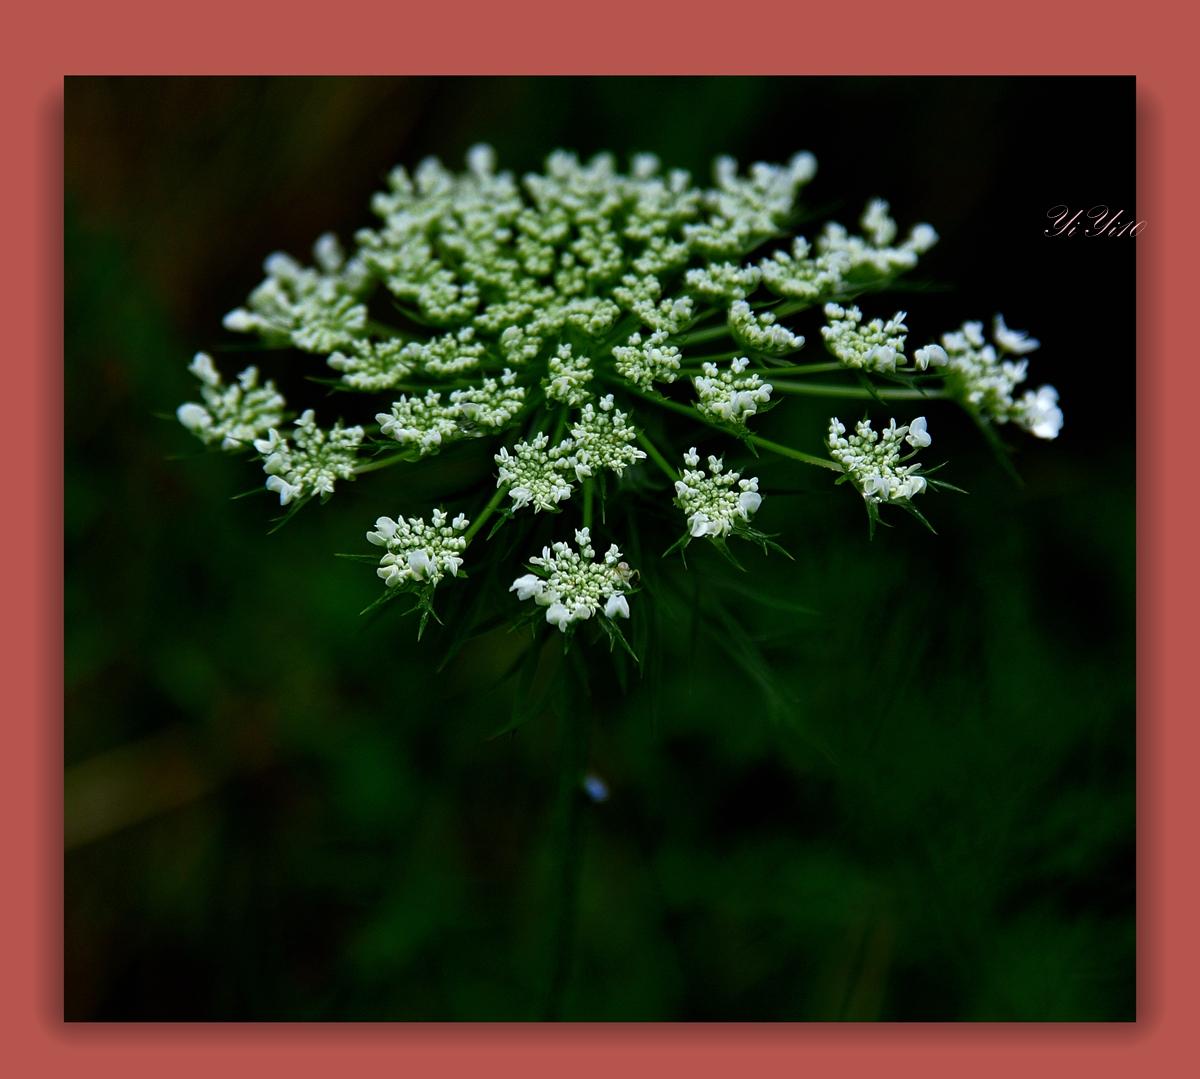 【原创】在大自然的绿色之中(摄影)_图1-12